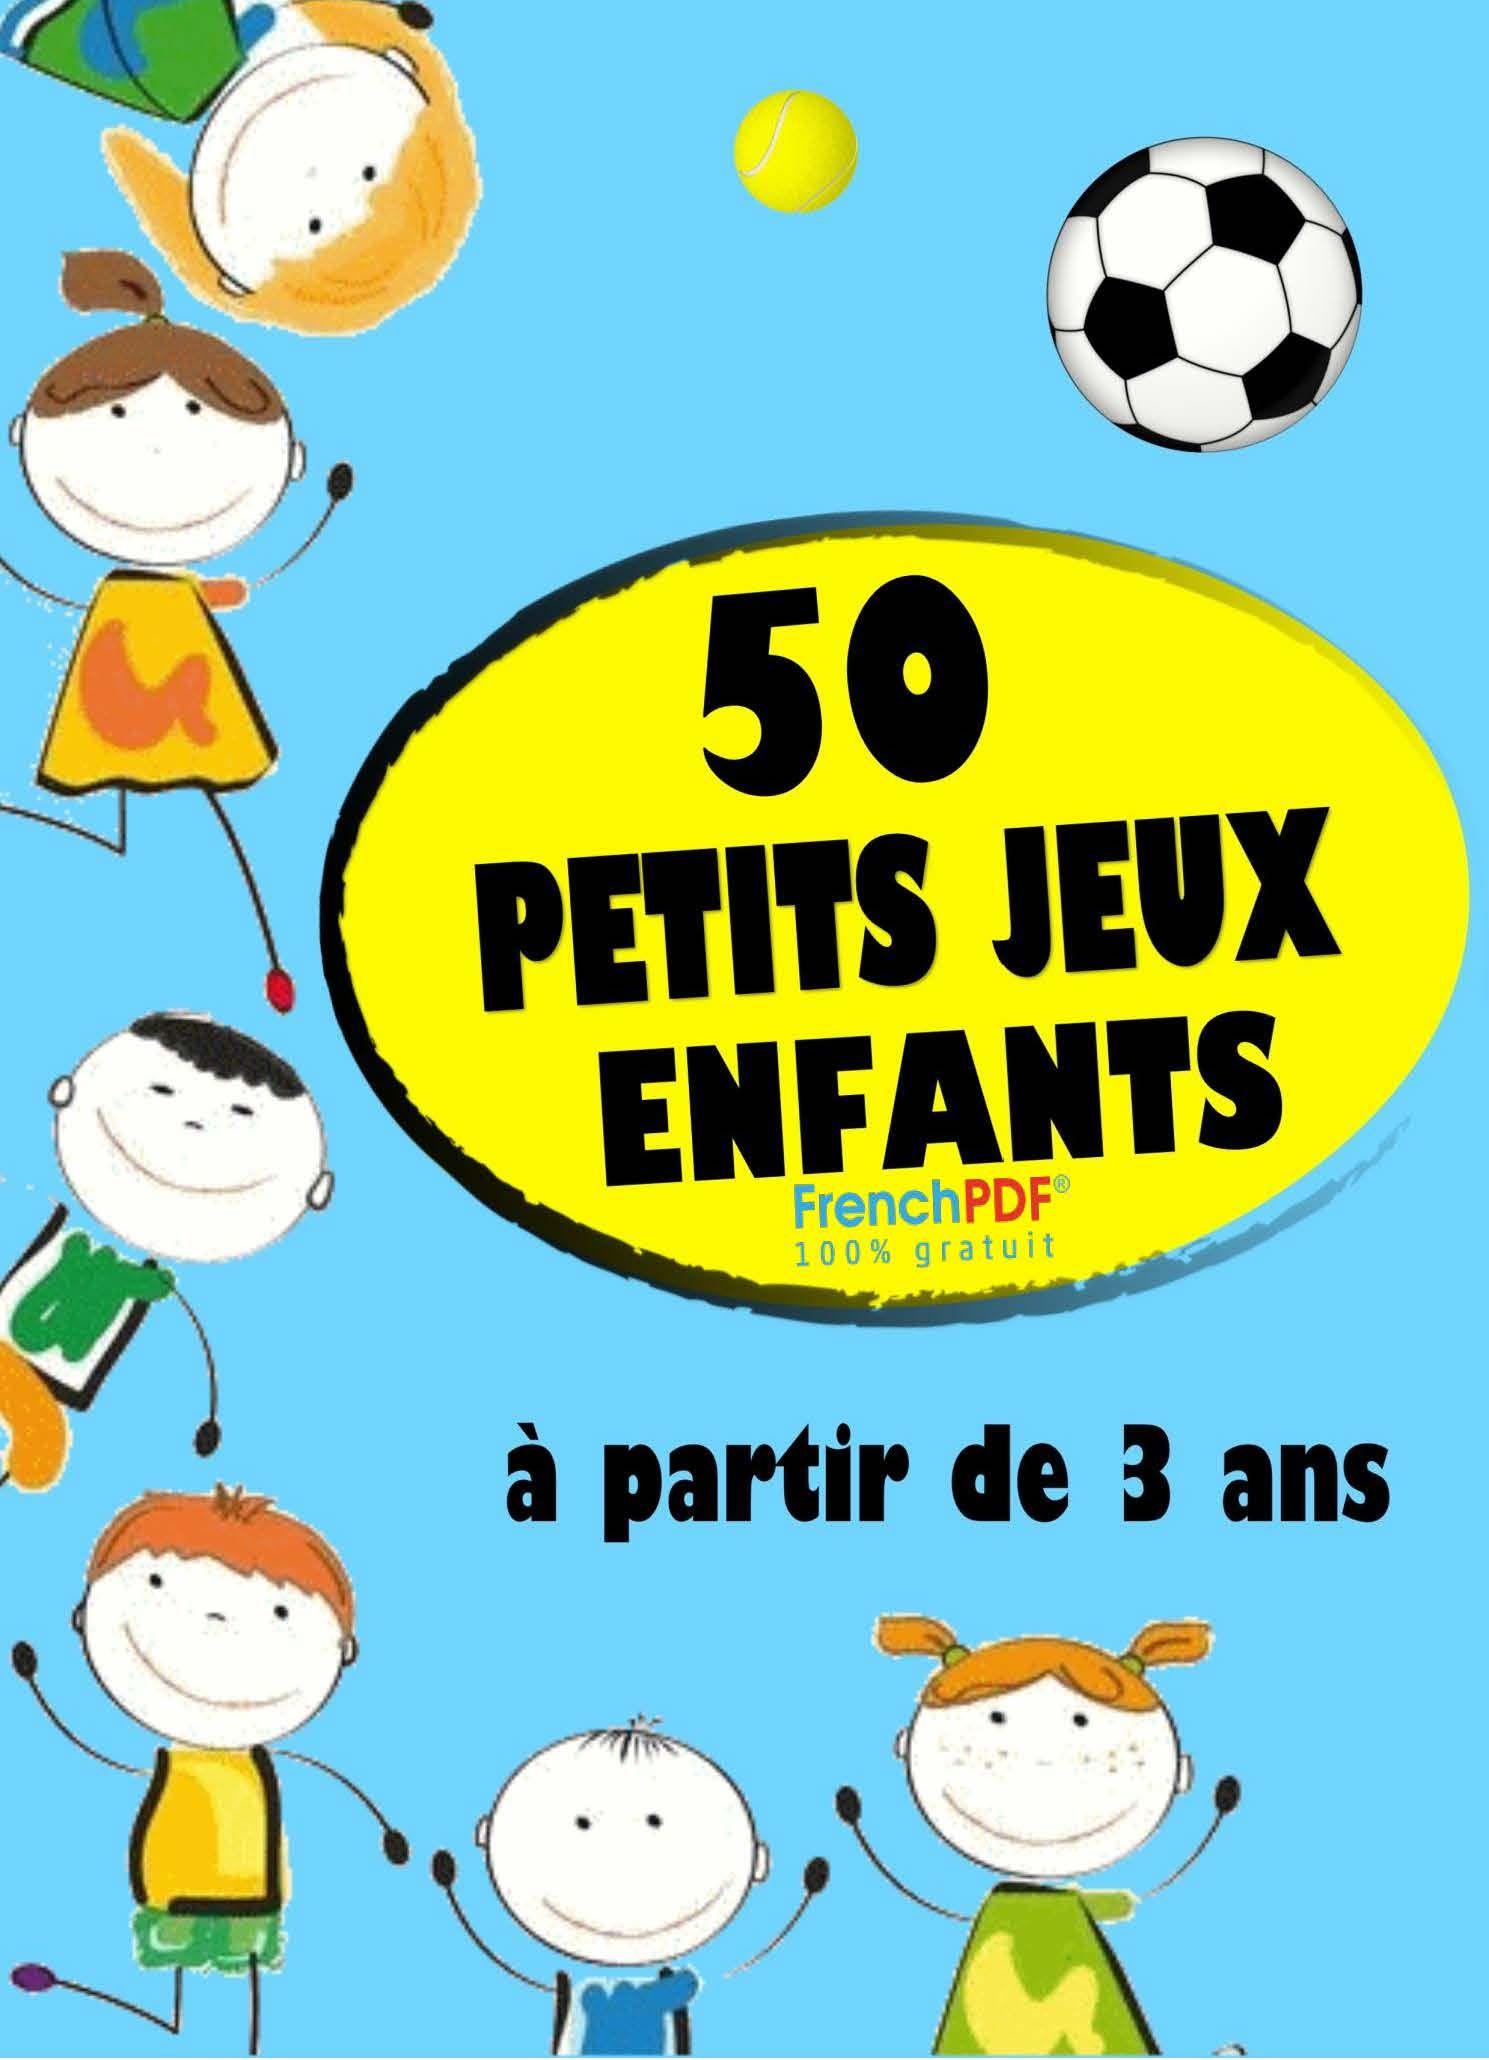 Gratuit] 50 Petits Jeux Enfants Pdf Livres Pour Enfants (+3 concernant Jeux Enfant 3 Ans Gratuit